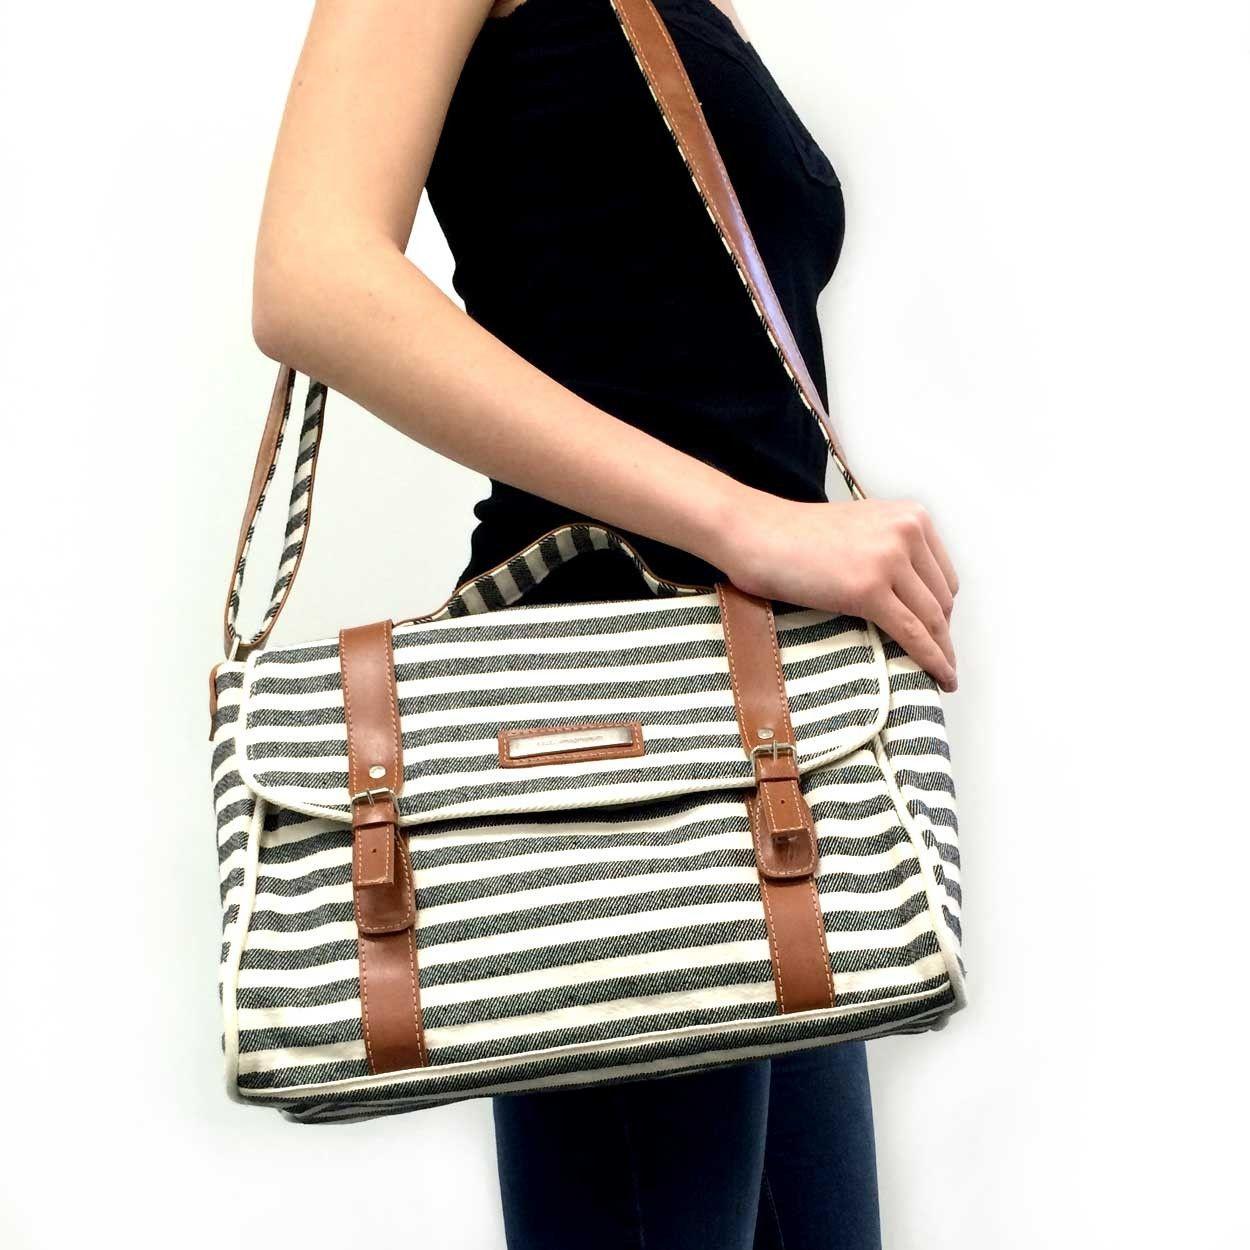 a6d3a3dd0 BOLSA MALETINHA LISTRAS - Imaginarium   Bag   Bags, Fashion e Tops